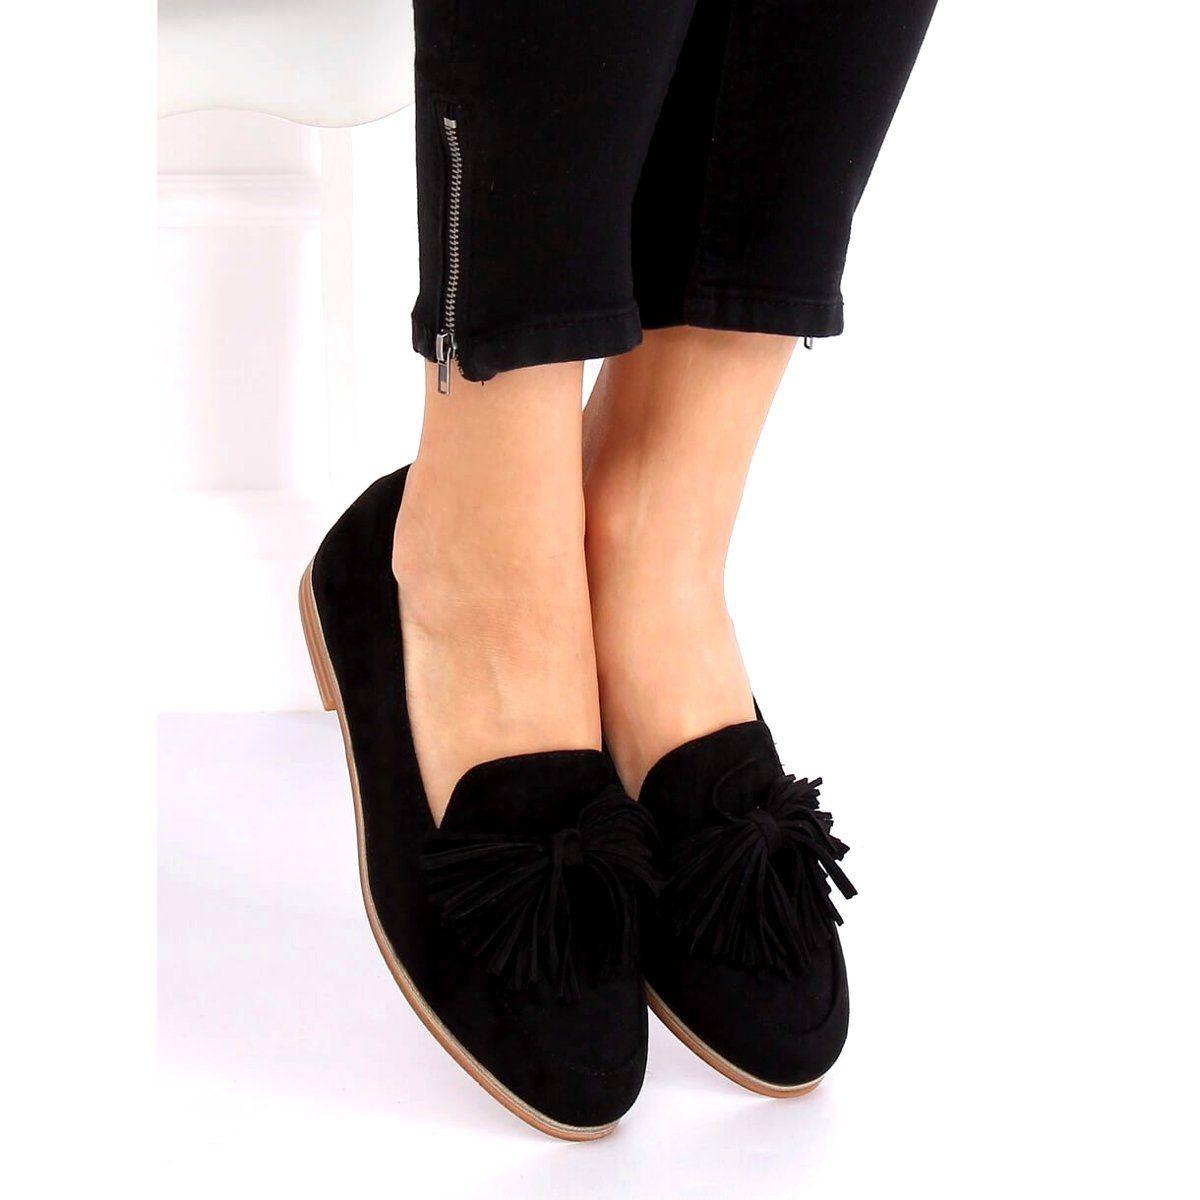 Mokasyny Damskie Z Fredzlami Czarne T357p Black In 2020 Loafers Fashion Shoes